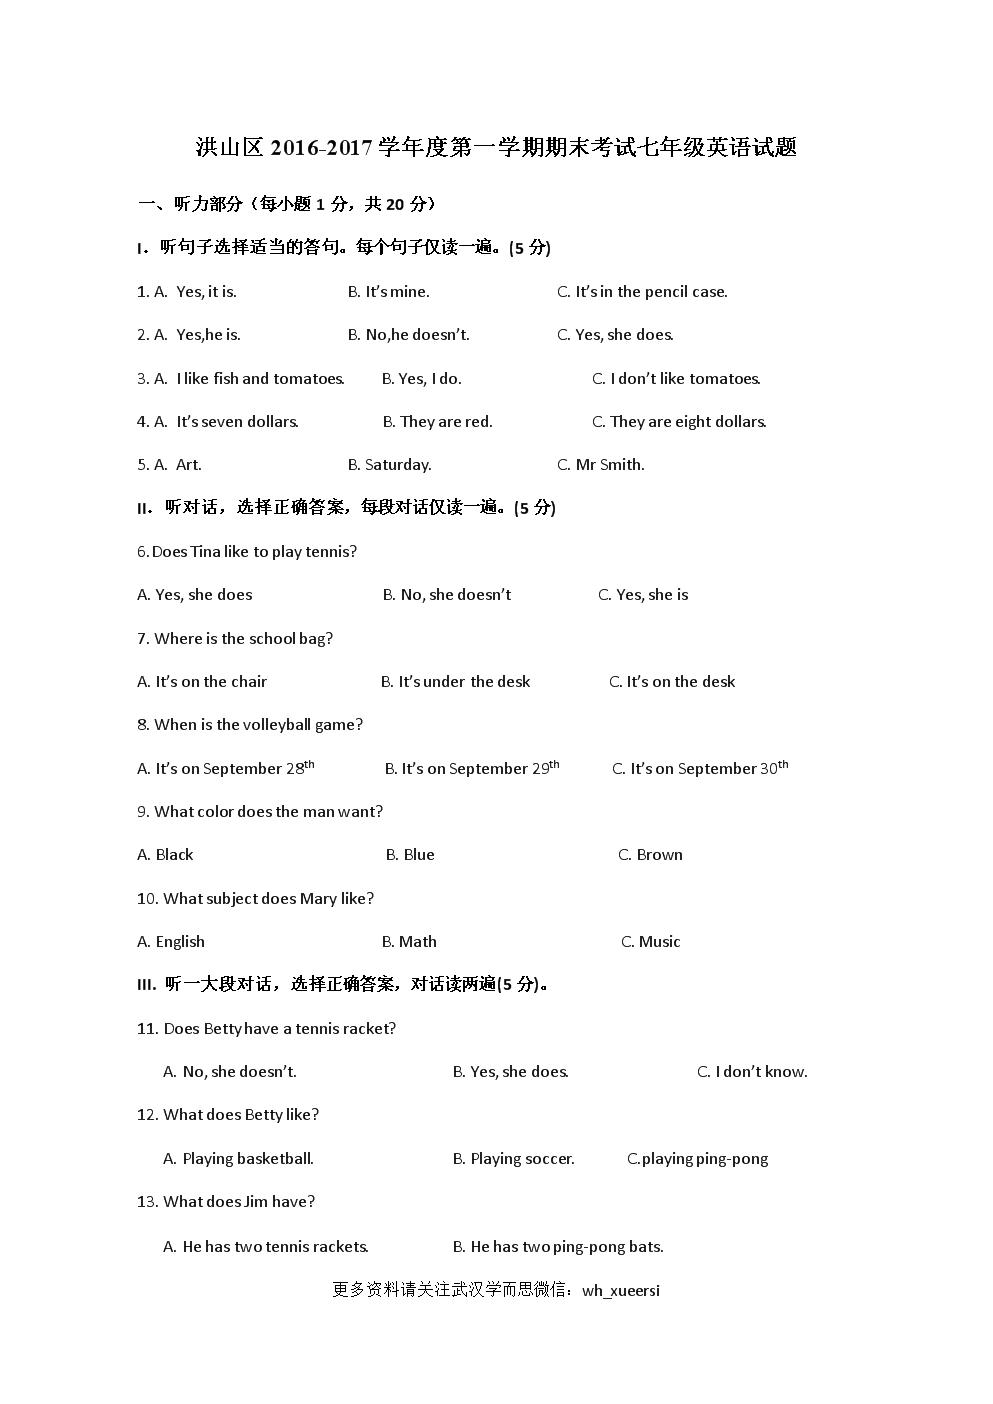 洪山区2016-2017学年的度第一学期期末测试七年级的英语测试题(word版有答案解析).docx